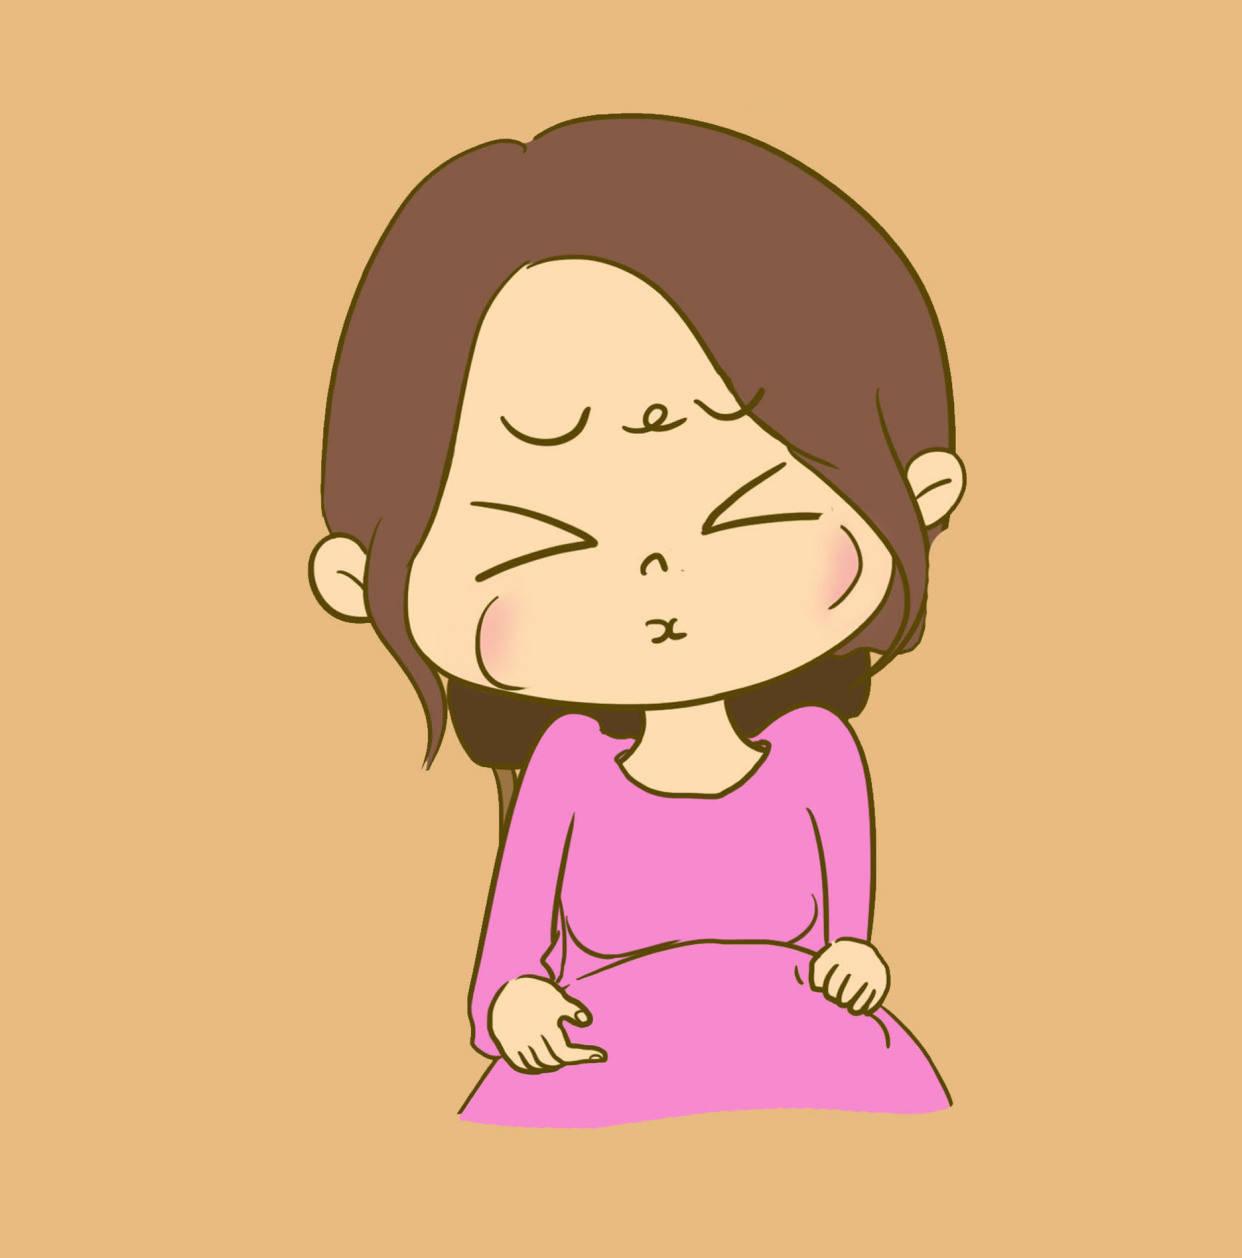 孕晚期要注意这几个异常表现 孕晚期需要细心准备待产包